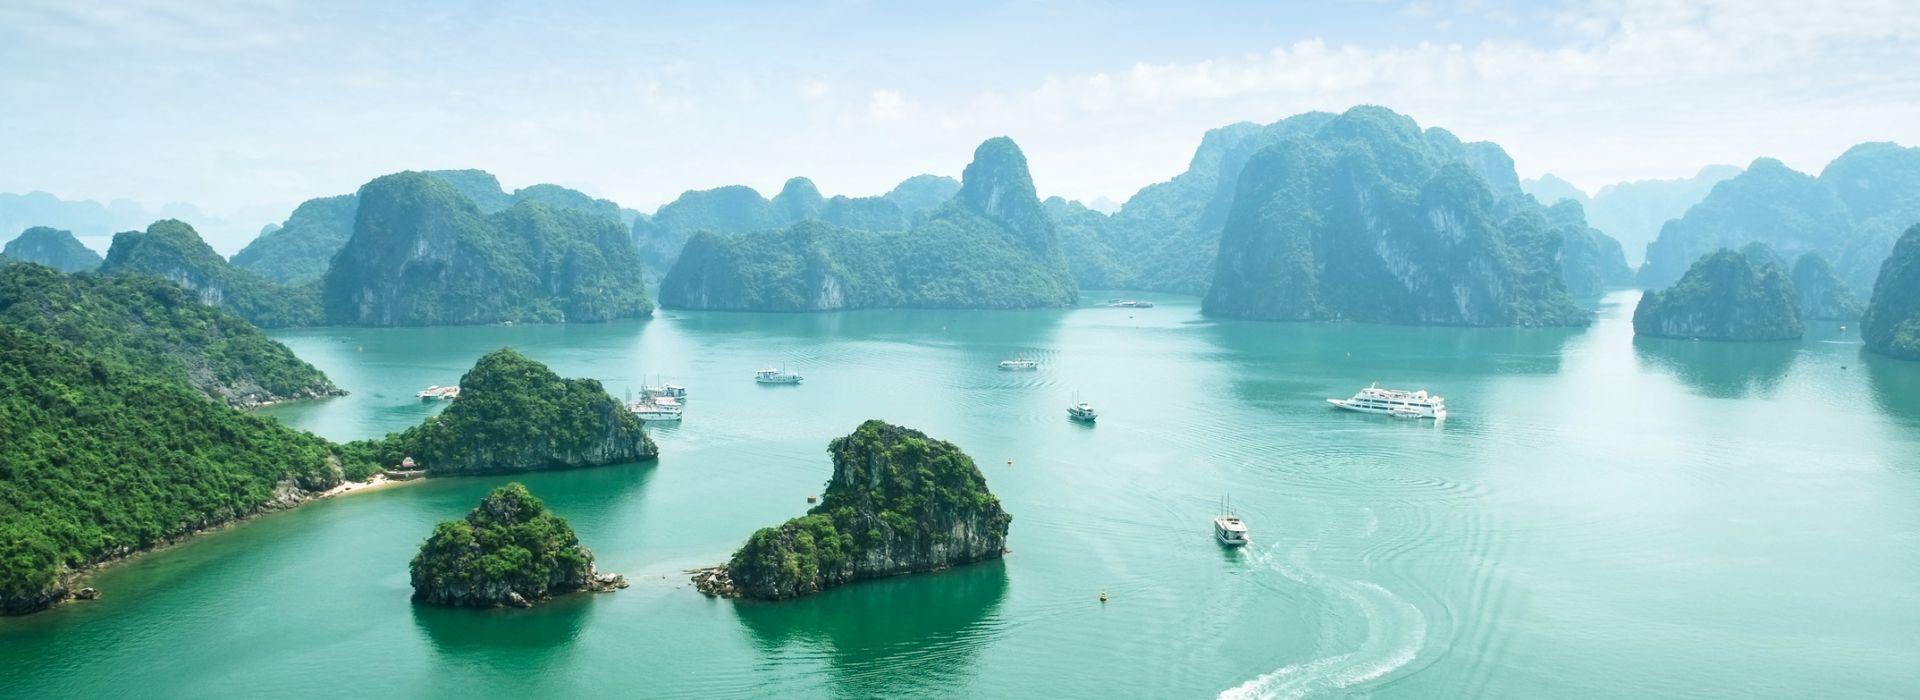 Trekking Tours in Hue